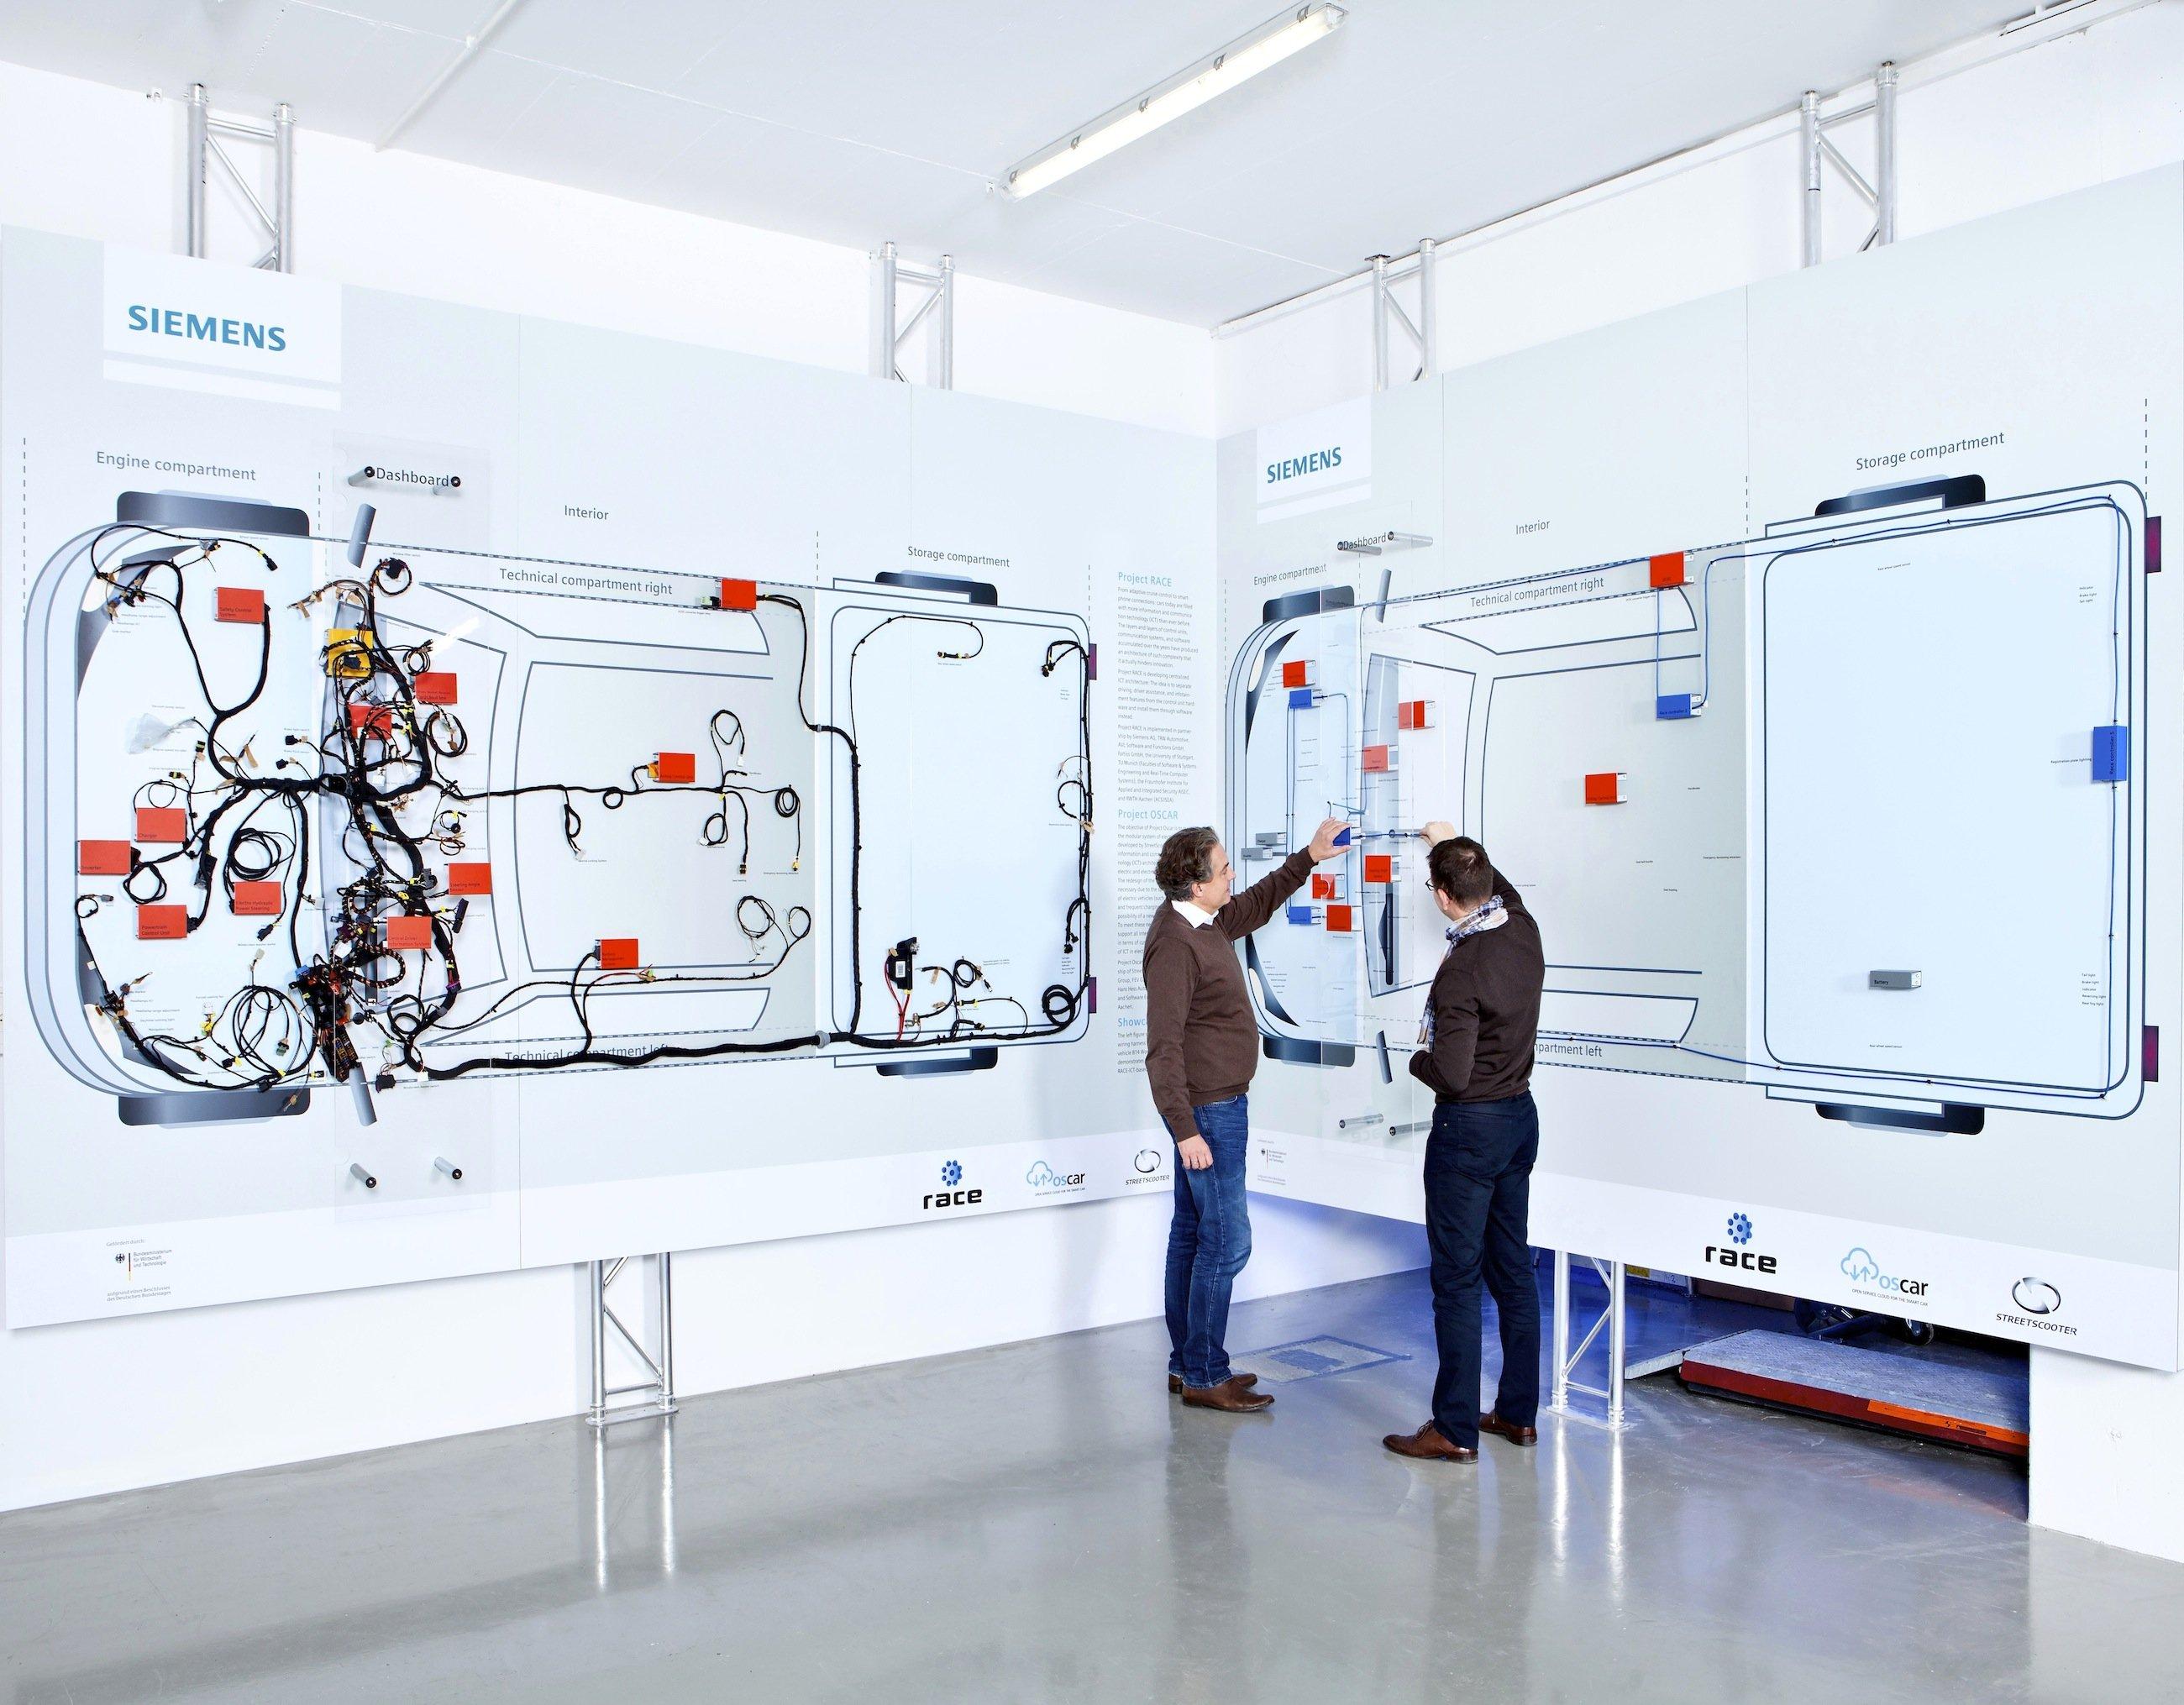 Superhirn im Auto: Siemens rüstet das Elektroauto Streetscooter mit der neuartigen Elektronik und Software RACE aus. Die Grundstruktur kann für verschiedene Elektroautos genutzt werden und ersetzt beispielsweise die Vielzahl von Steuergeräten.